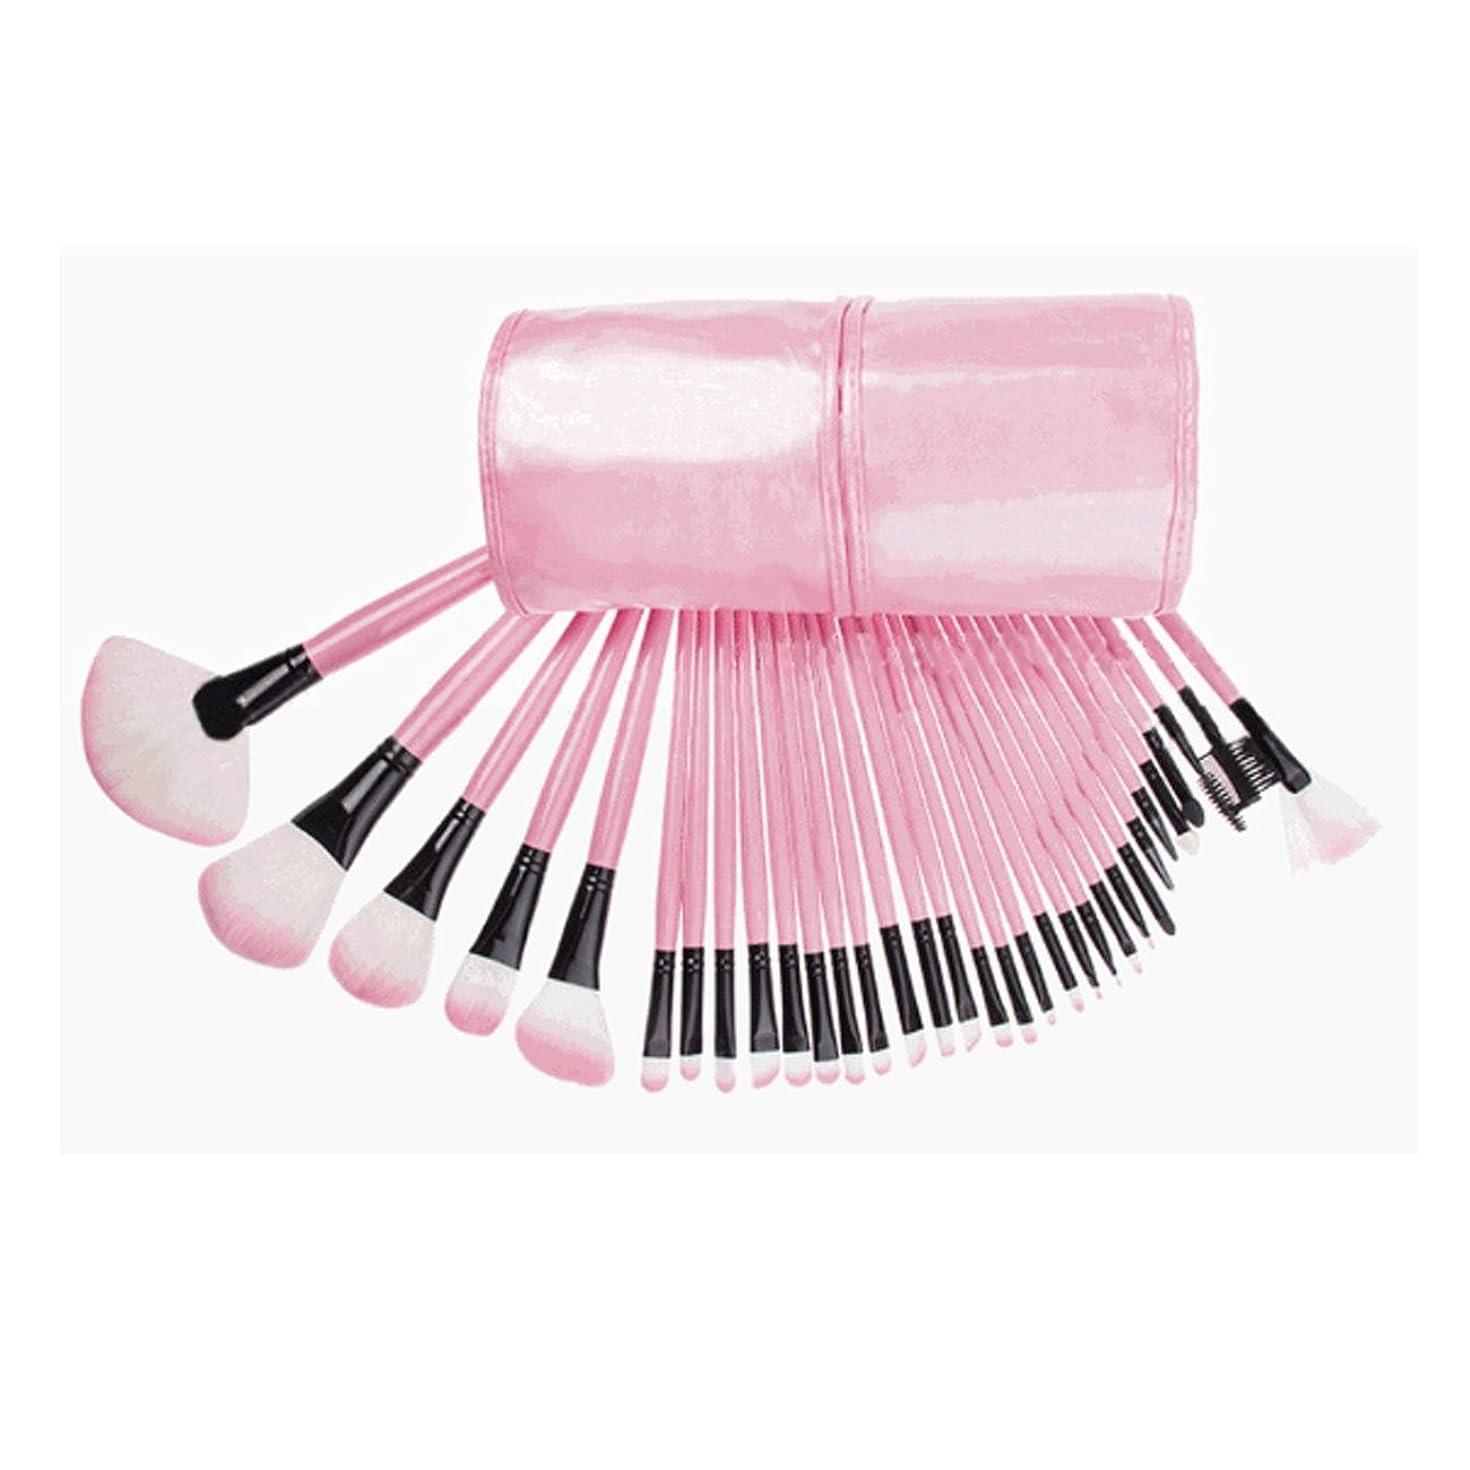 気をつけて混乱削除するMR.shop 高級化粧ブラシセット メイクブラシセット 可愛いお洒落な専用収納ケース付き32本セット